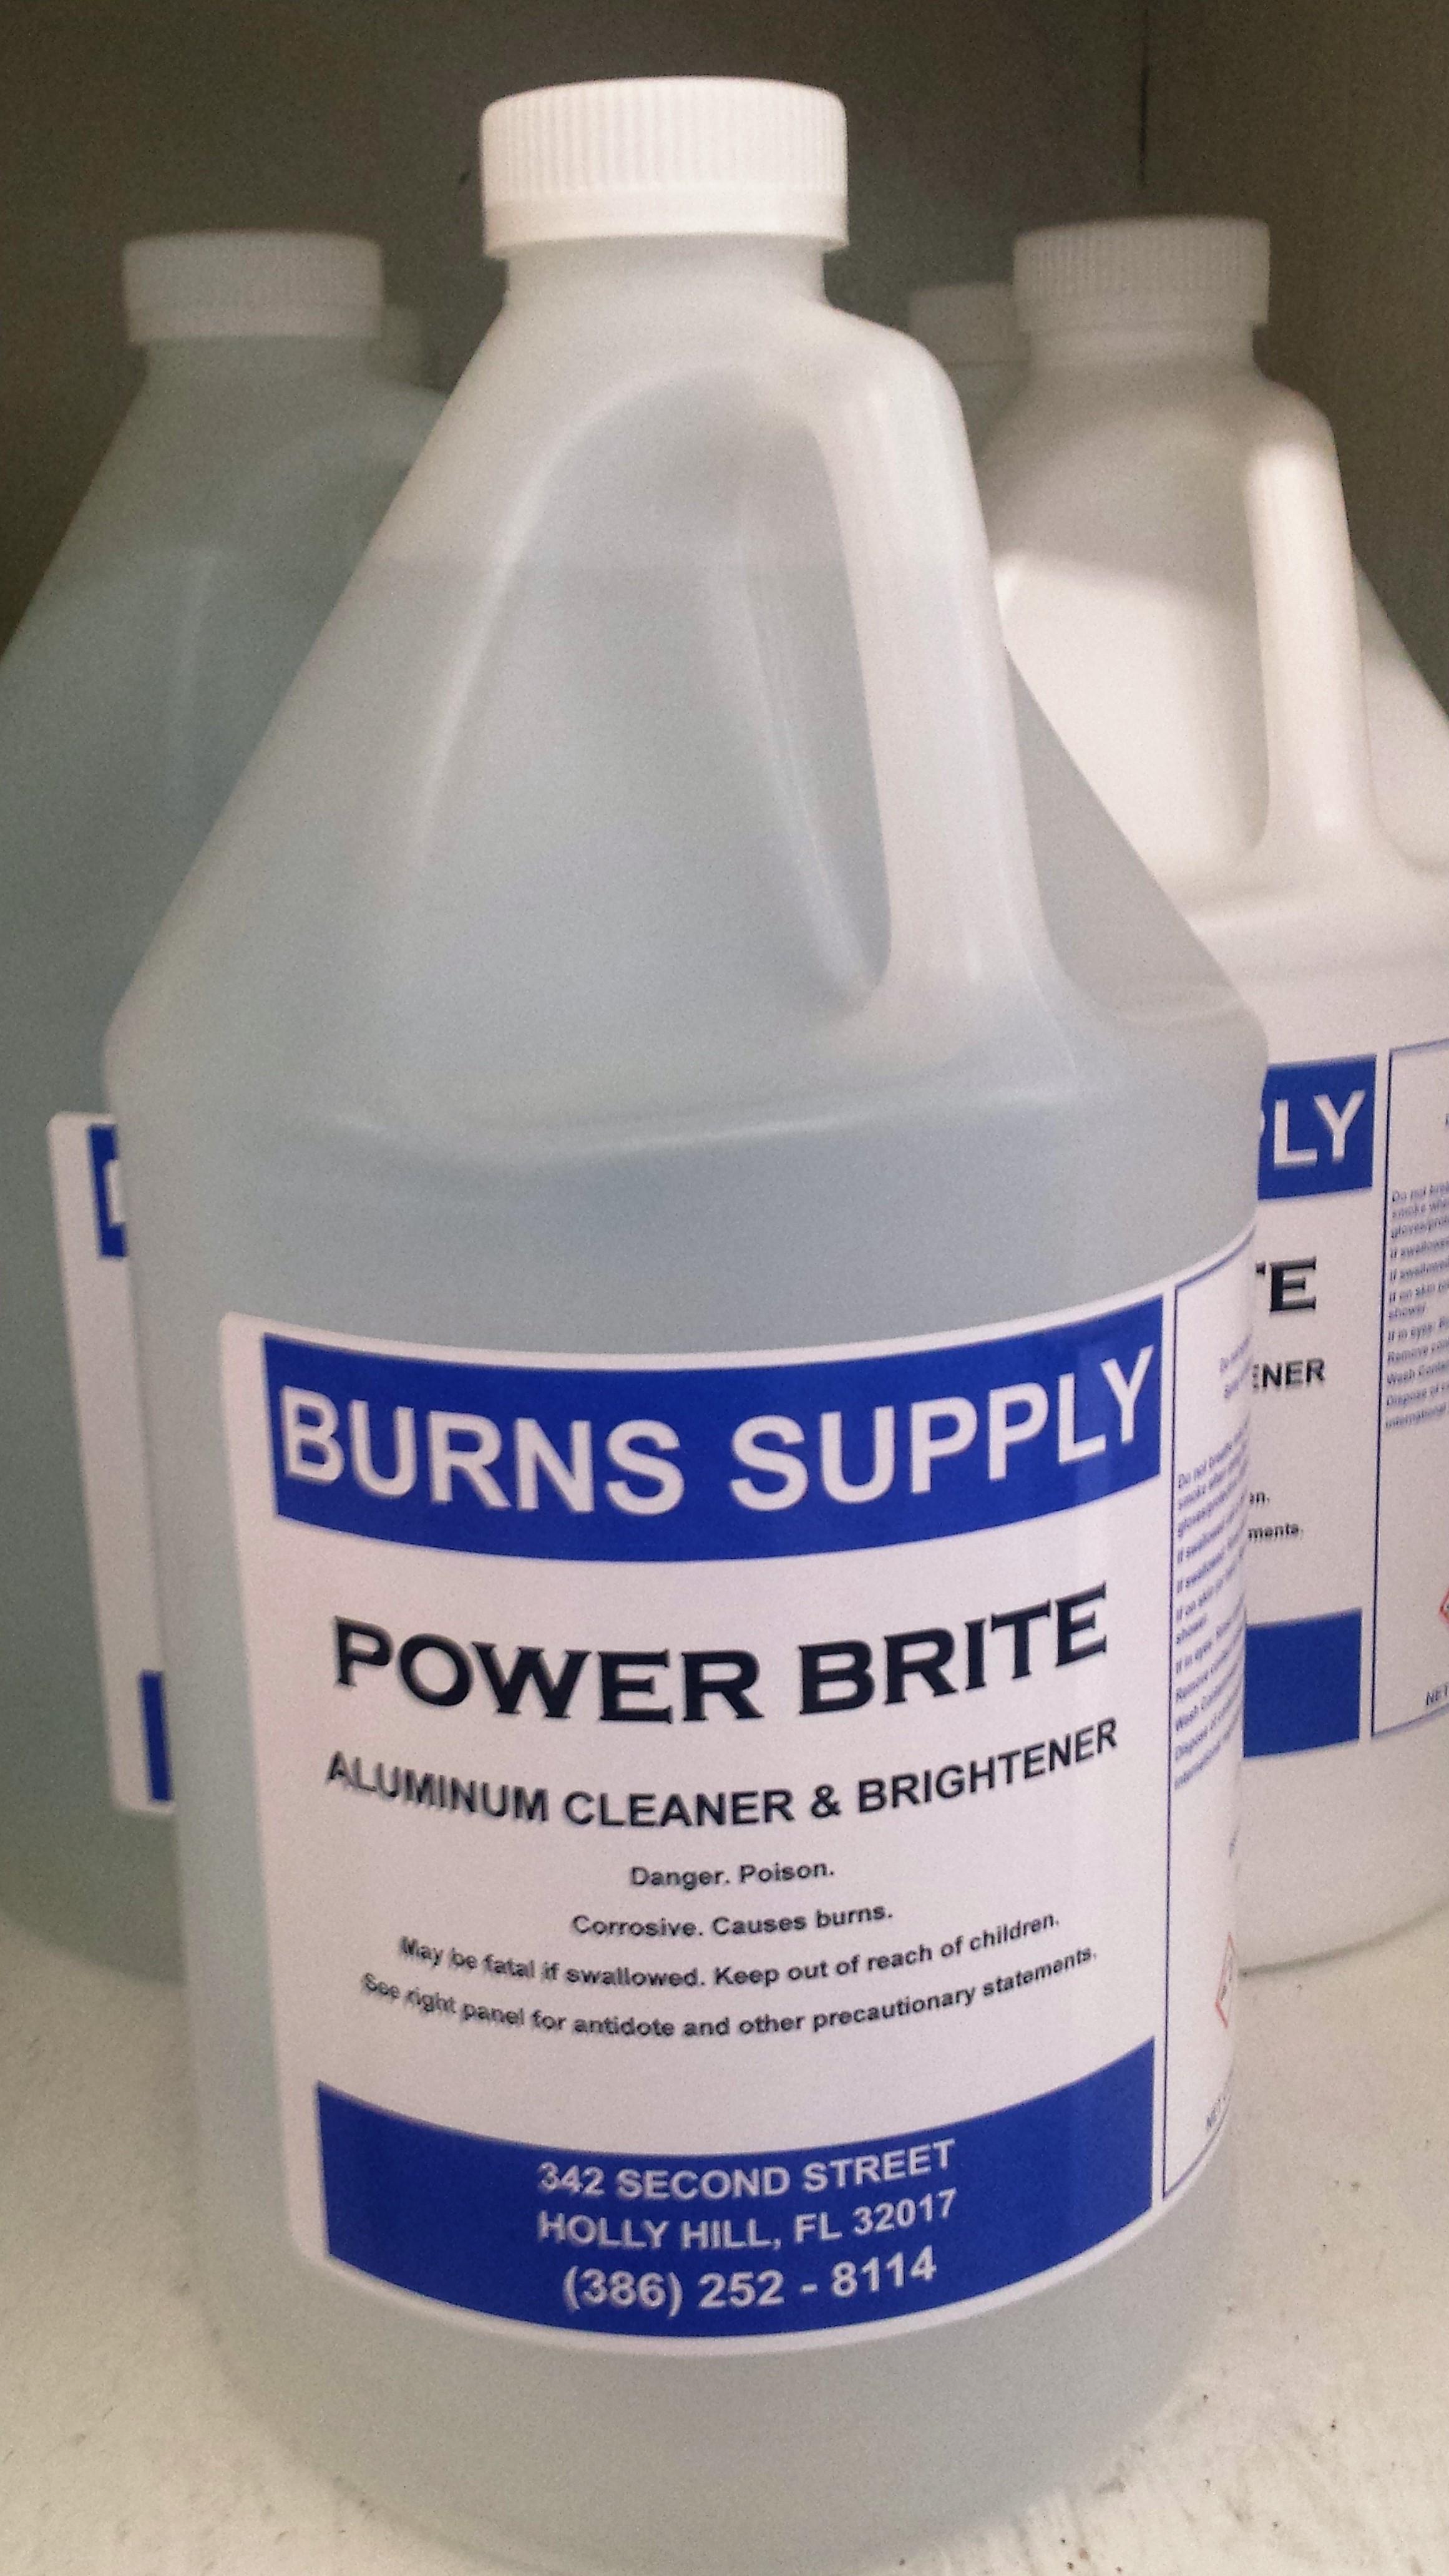 Power Brite Aluminum Cleaner - Gallon